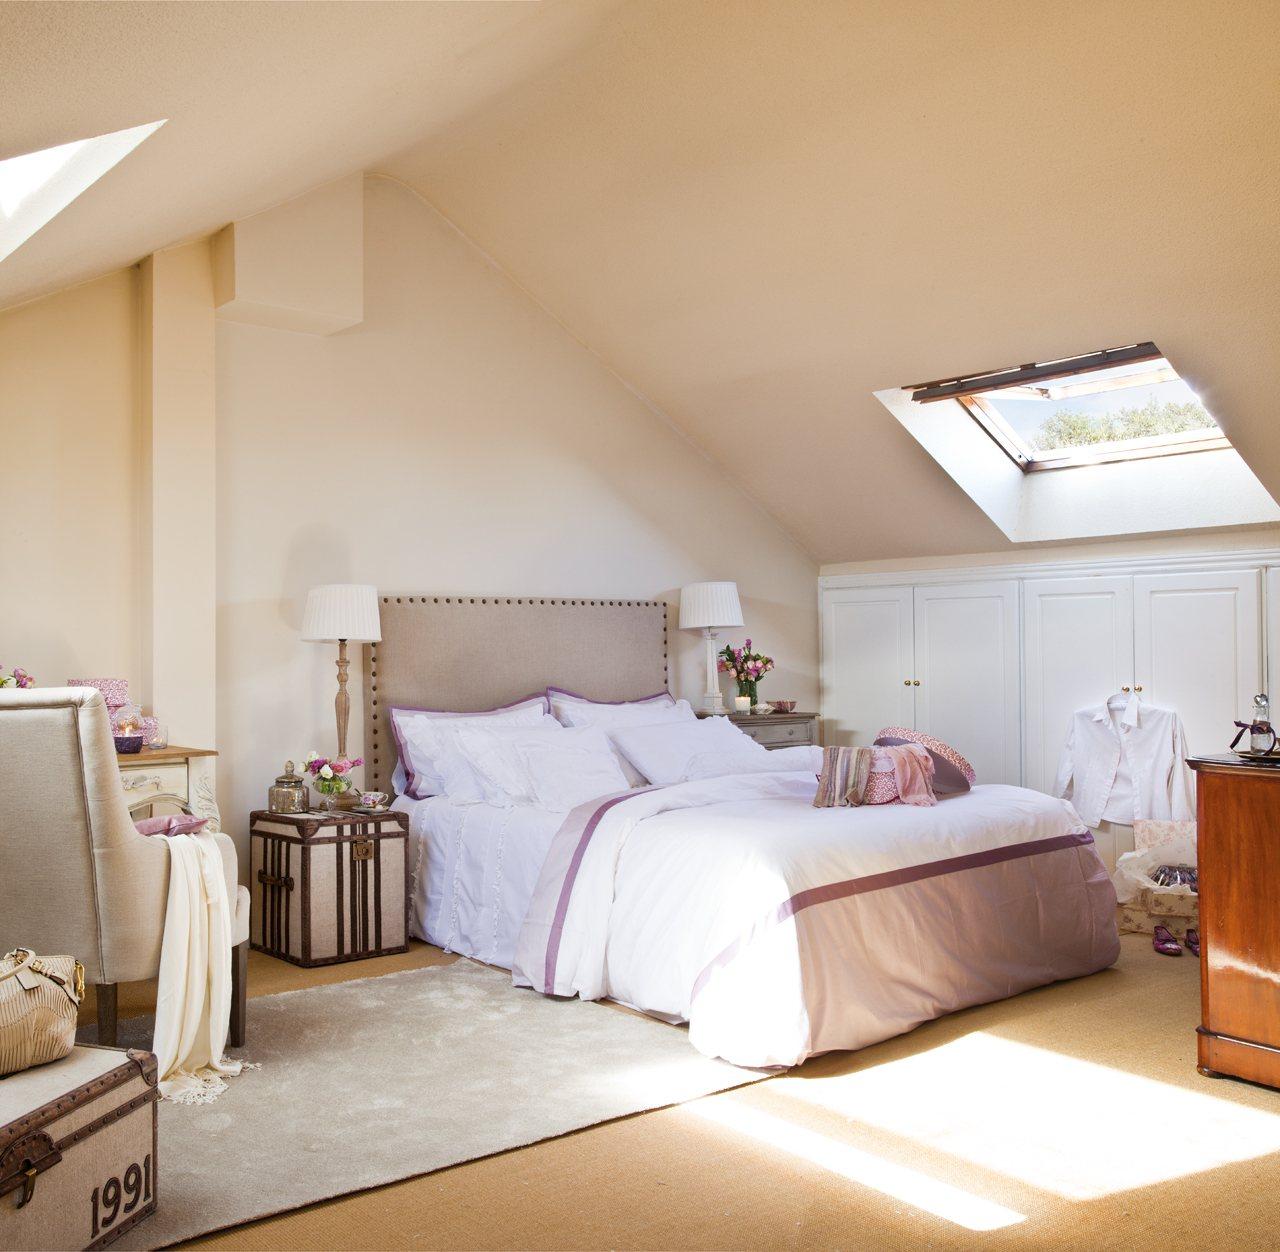 Un dormitorio alegre y en tonos c lidos - Muebles color cerezo como pintar paredes ...